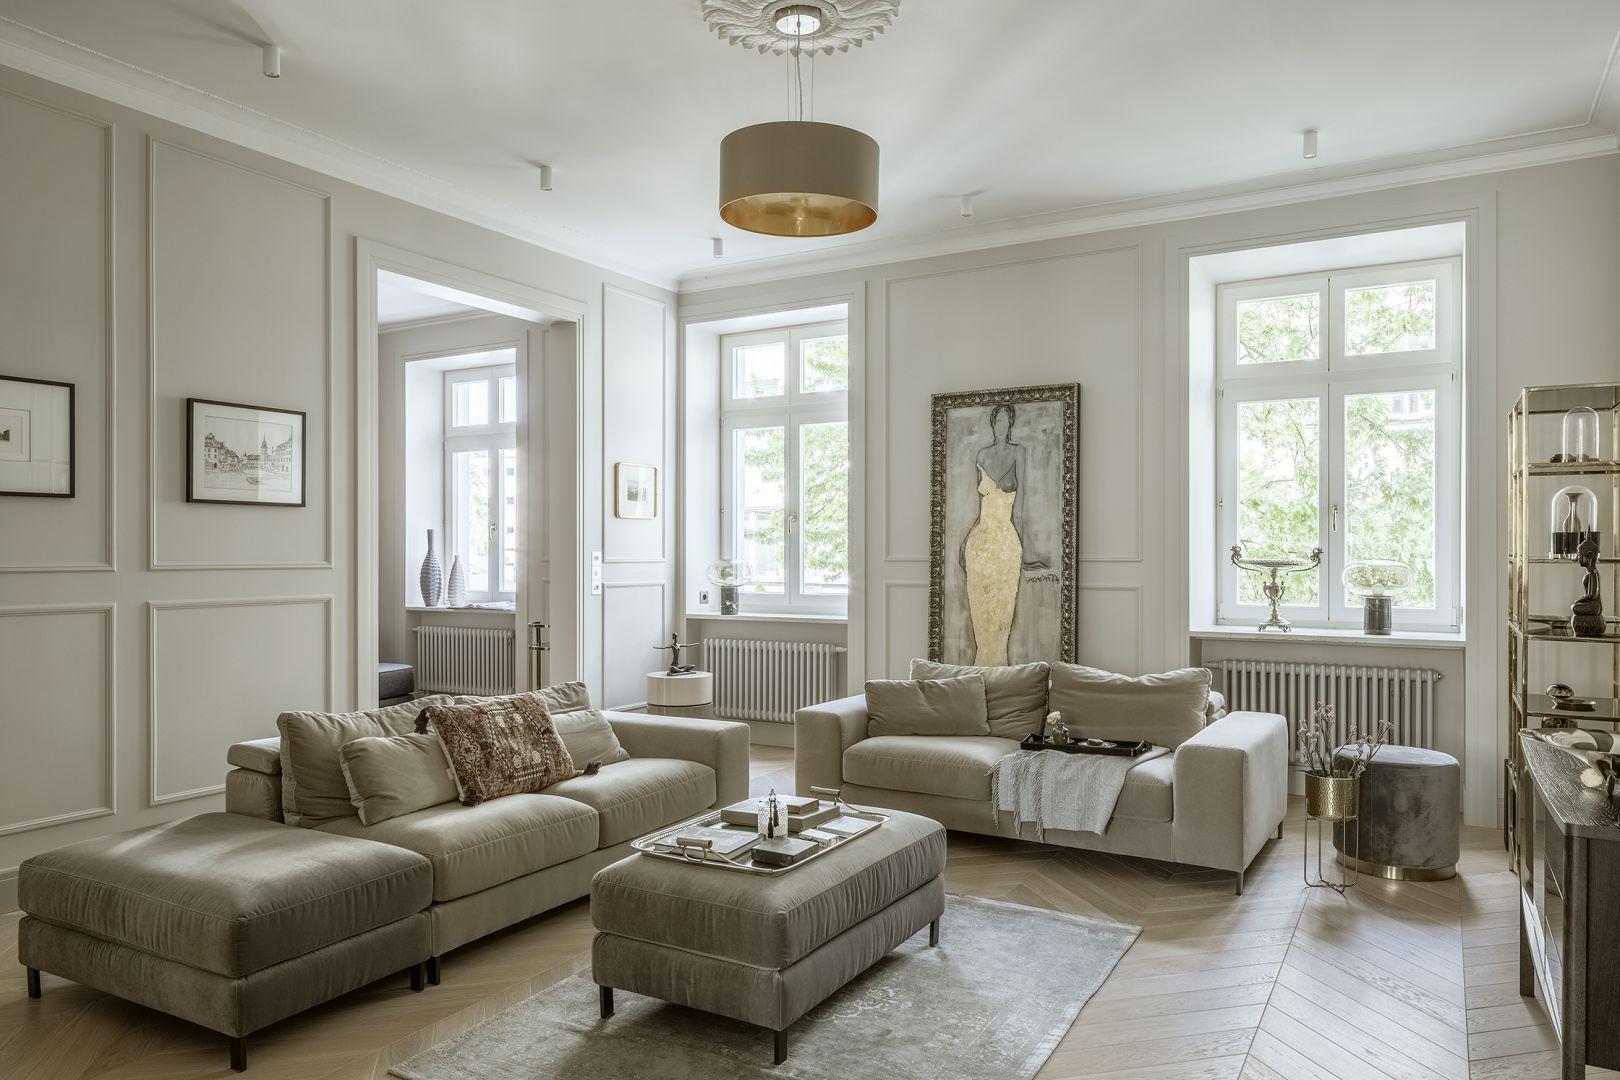 Piękny klasyczny salon z podłogą w jodełką i sztukaterią na ścianach. Projekt: Hola Design. Fot. Yassen Hristov